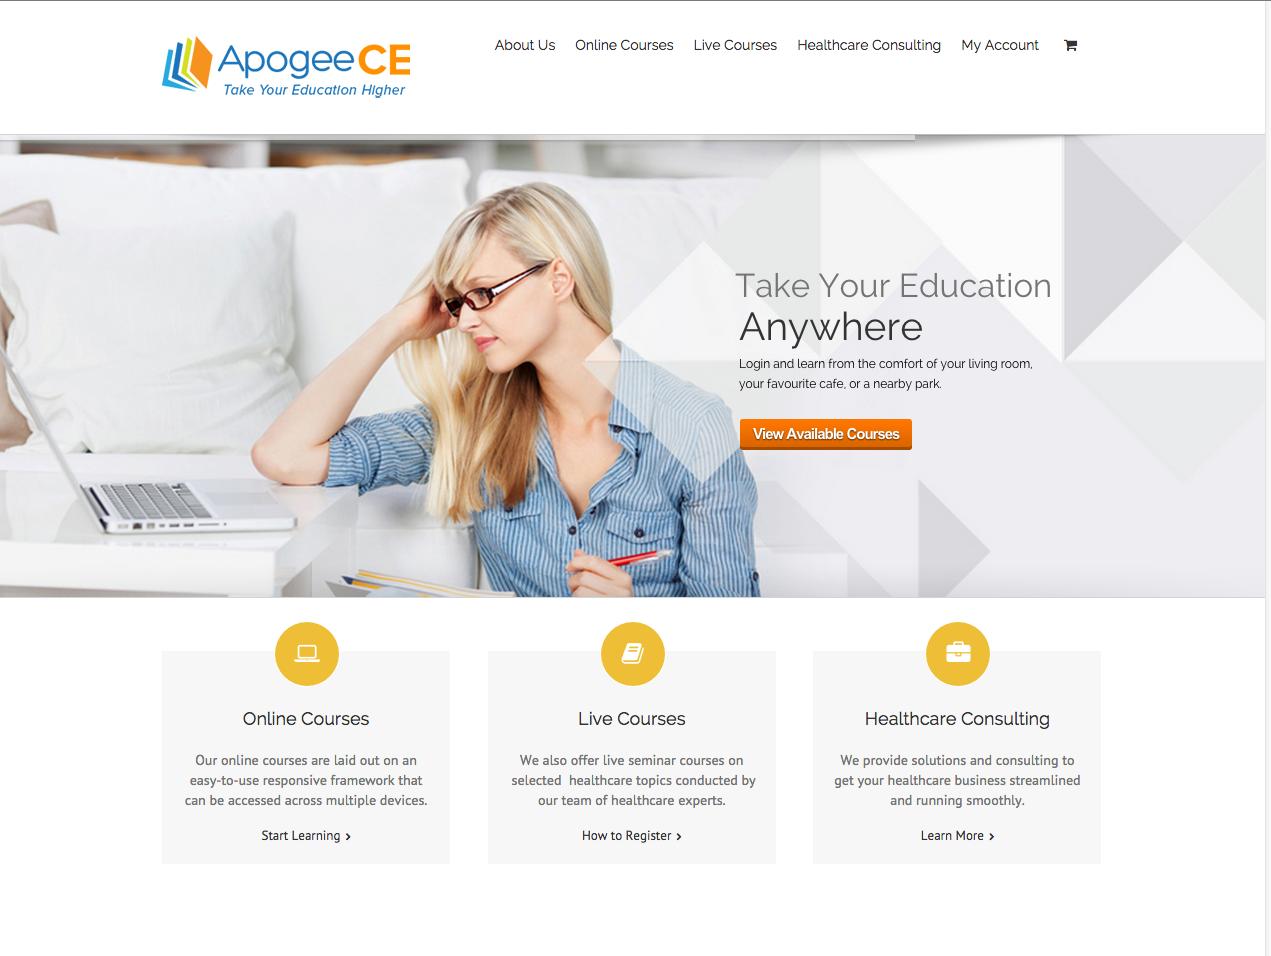 Apogee CE website